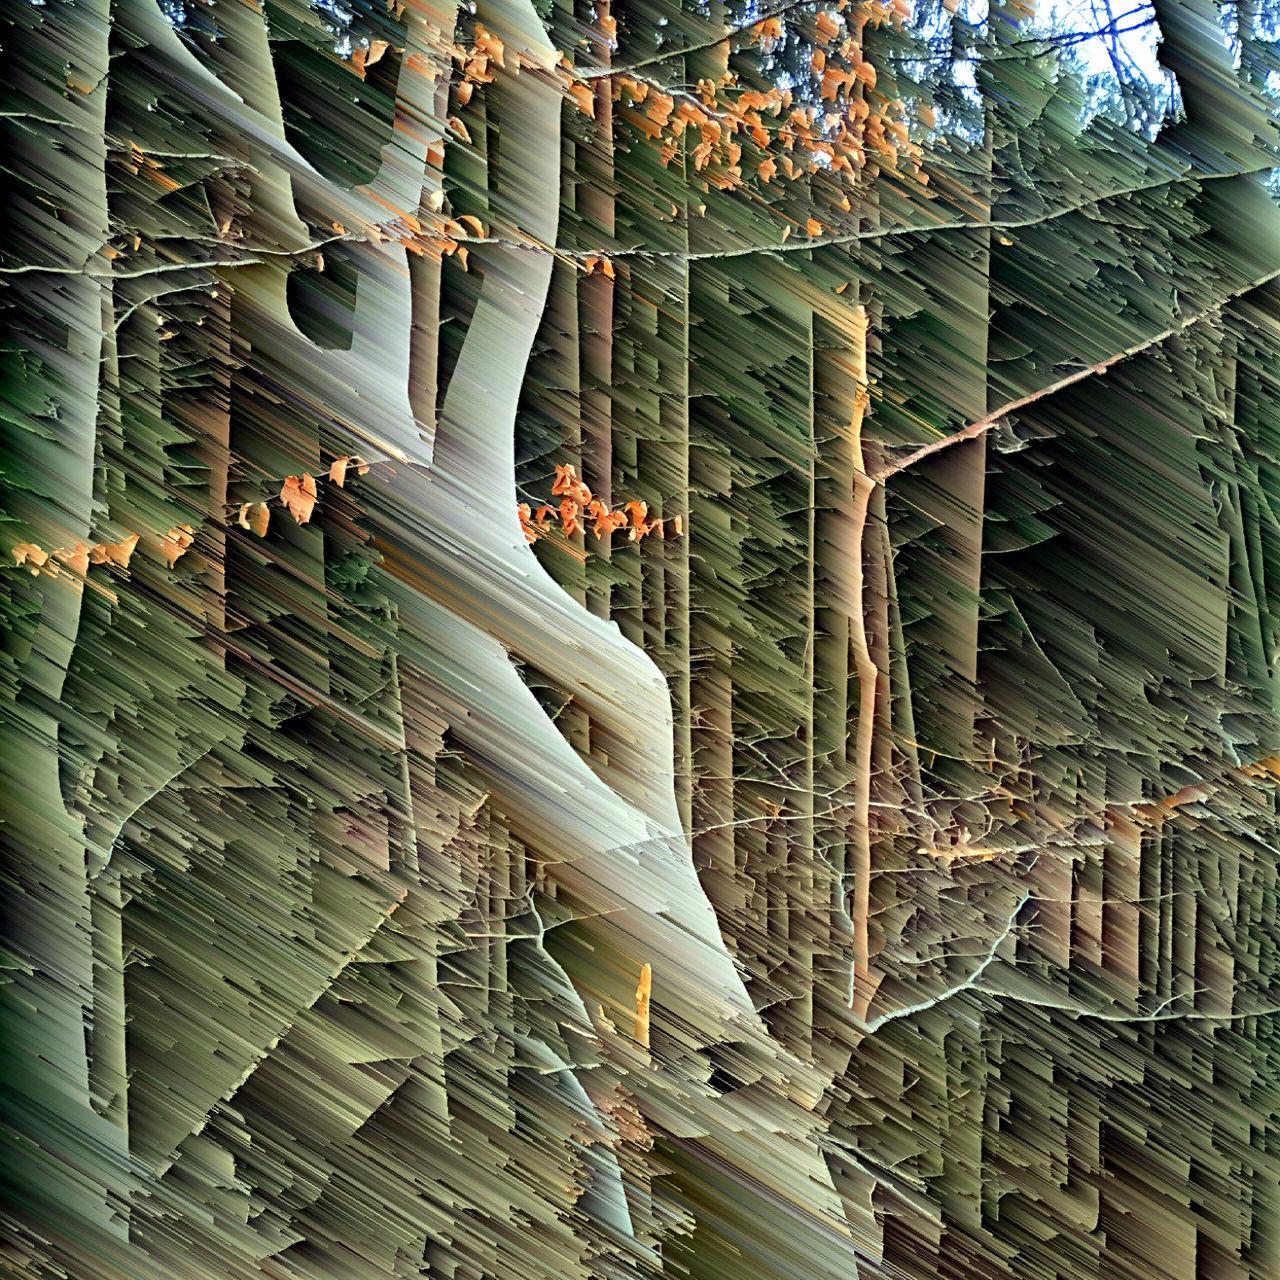 Zerstörerisch zerlegtes Bild eines markanten, sich drehenden Bäumchens. das einst klare normale Foto besteht aus Streifen im 45 Grad Winkel. Dennoch ist das Original deutlich als detailierte Waldszene erkennbar.